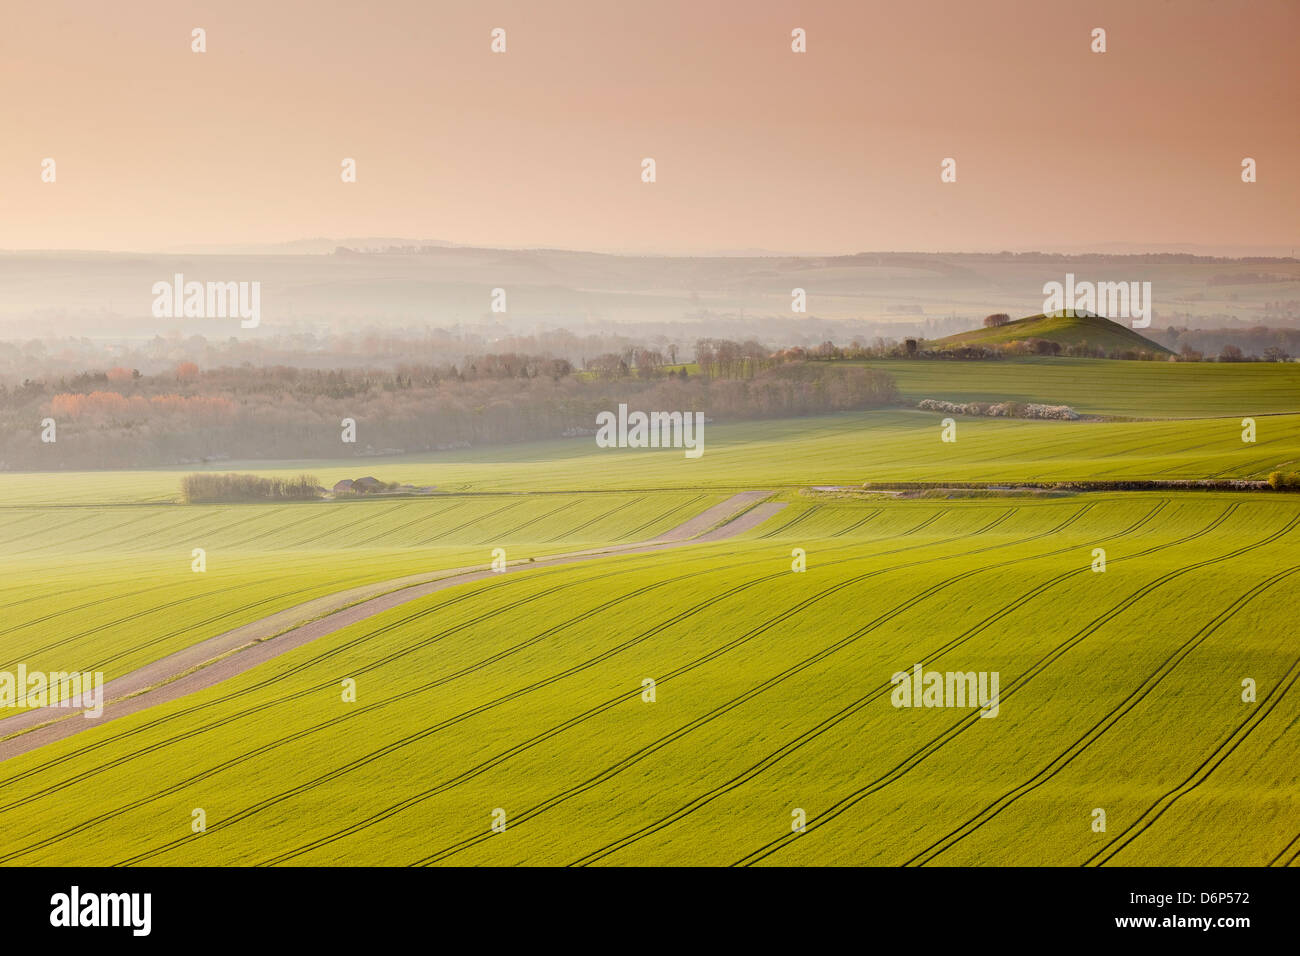 Vale of Pewsey am ersten Licht, Wiltshire, England, Vereinigtes Königreich, Europa Stockbild